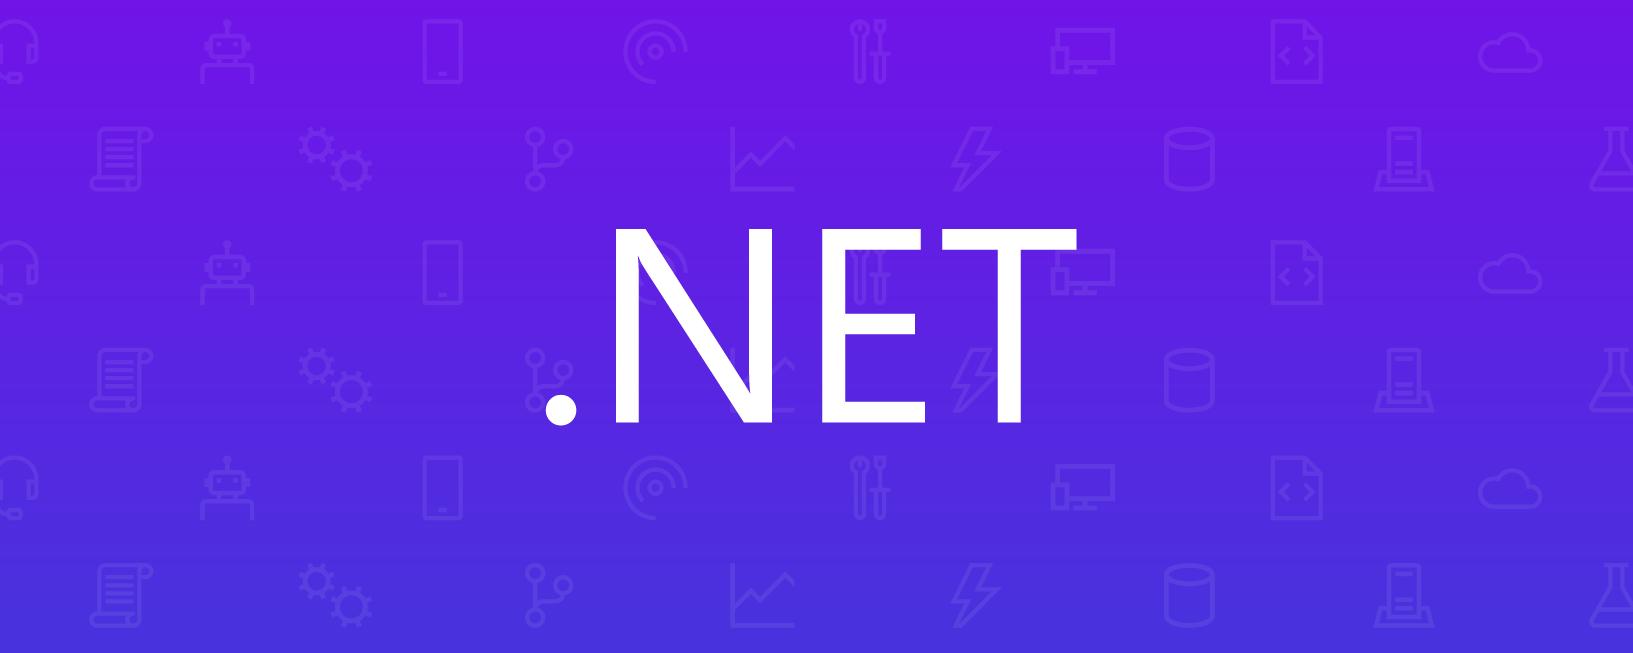 dot net - .NET 6 παρακολουθήστε την ανάπτυξη